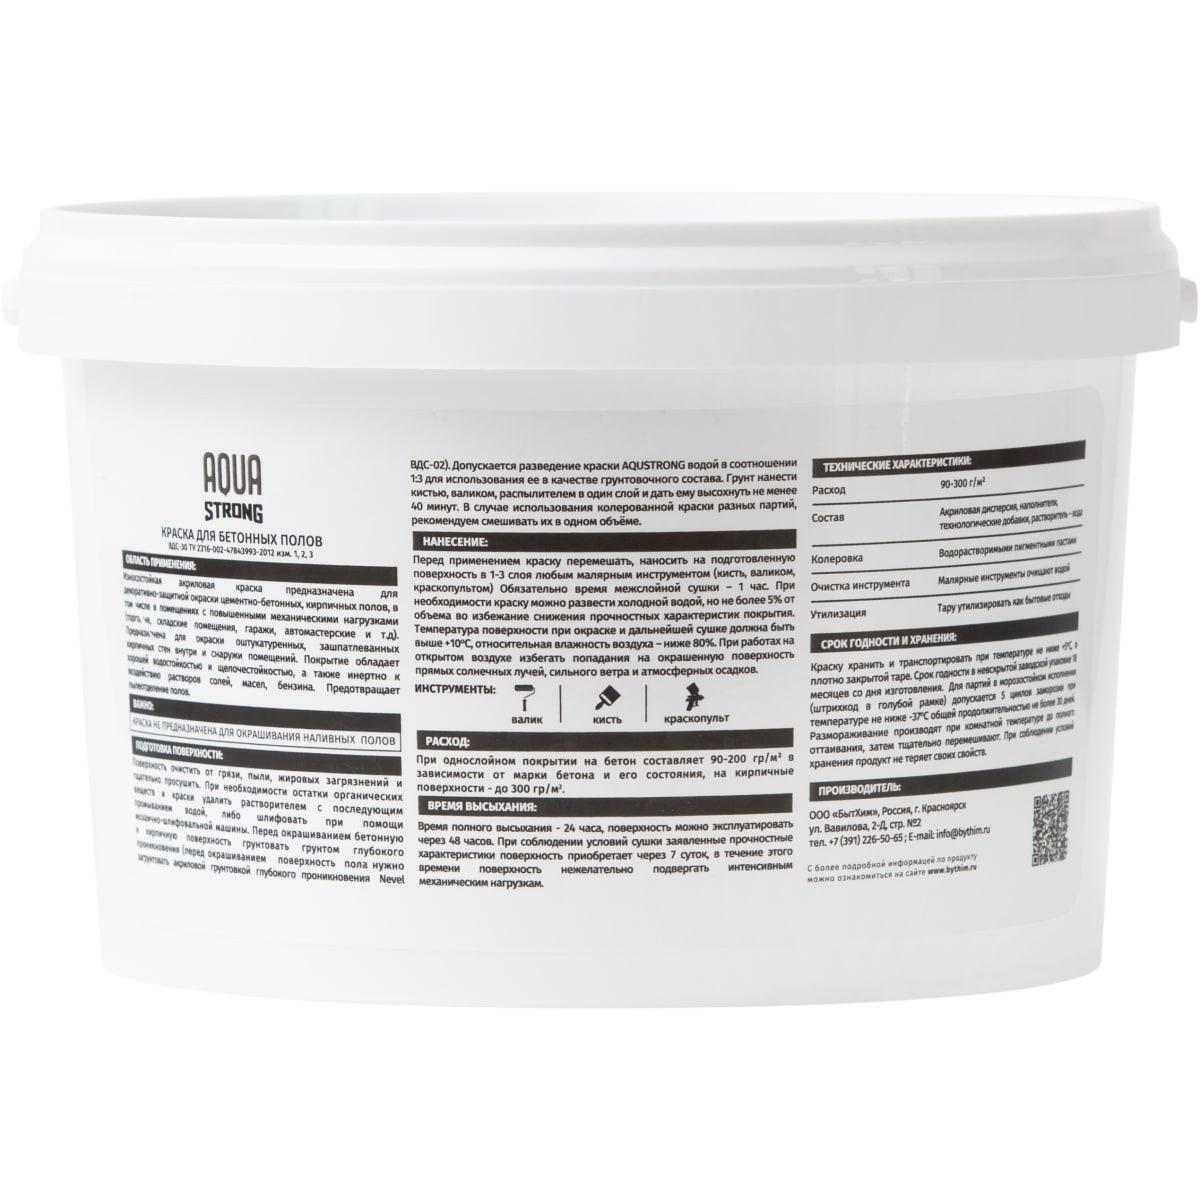 Купить краску по бетону в леруа мерлен цена размягчитель бетона